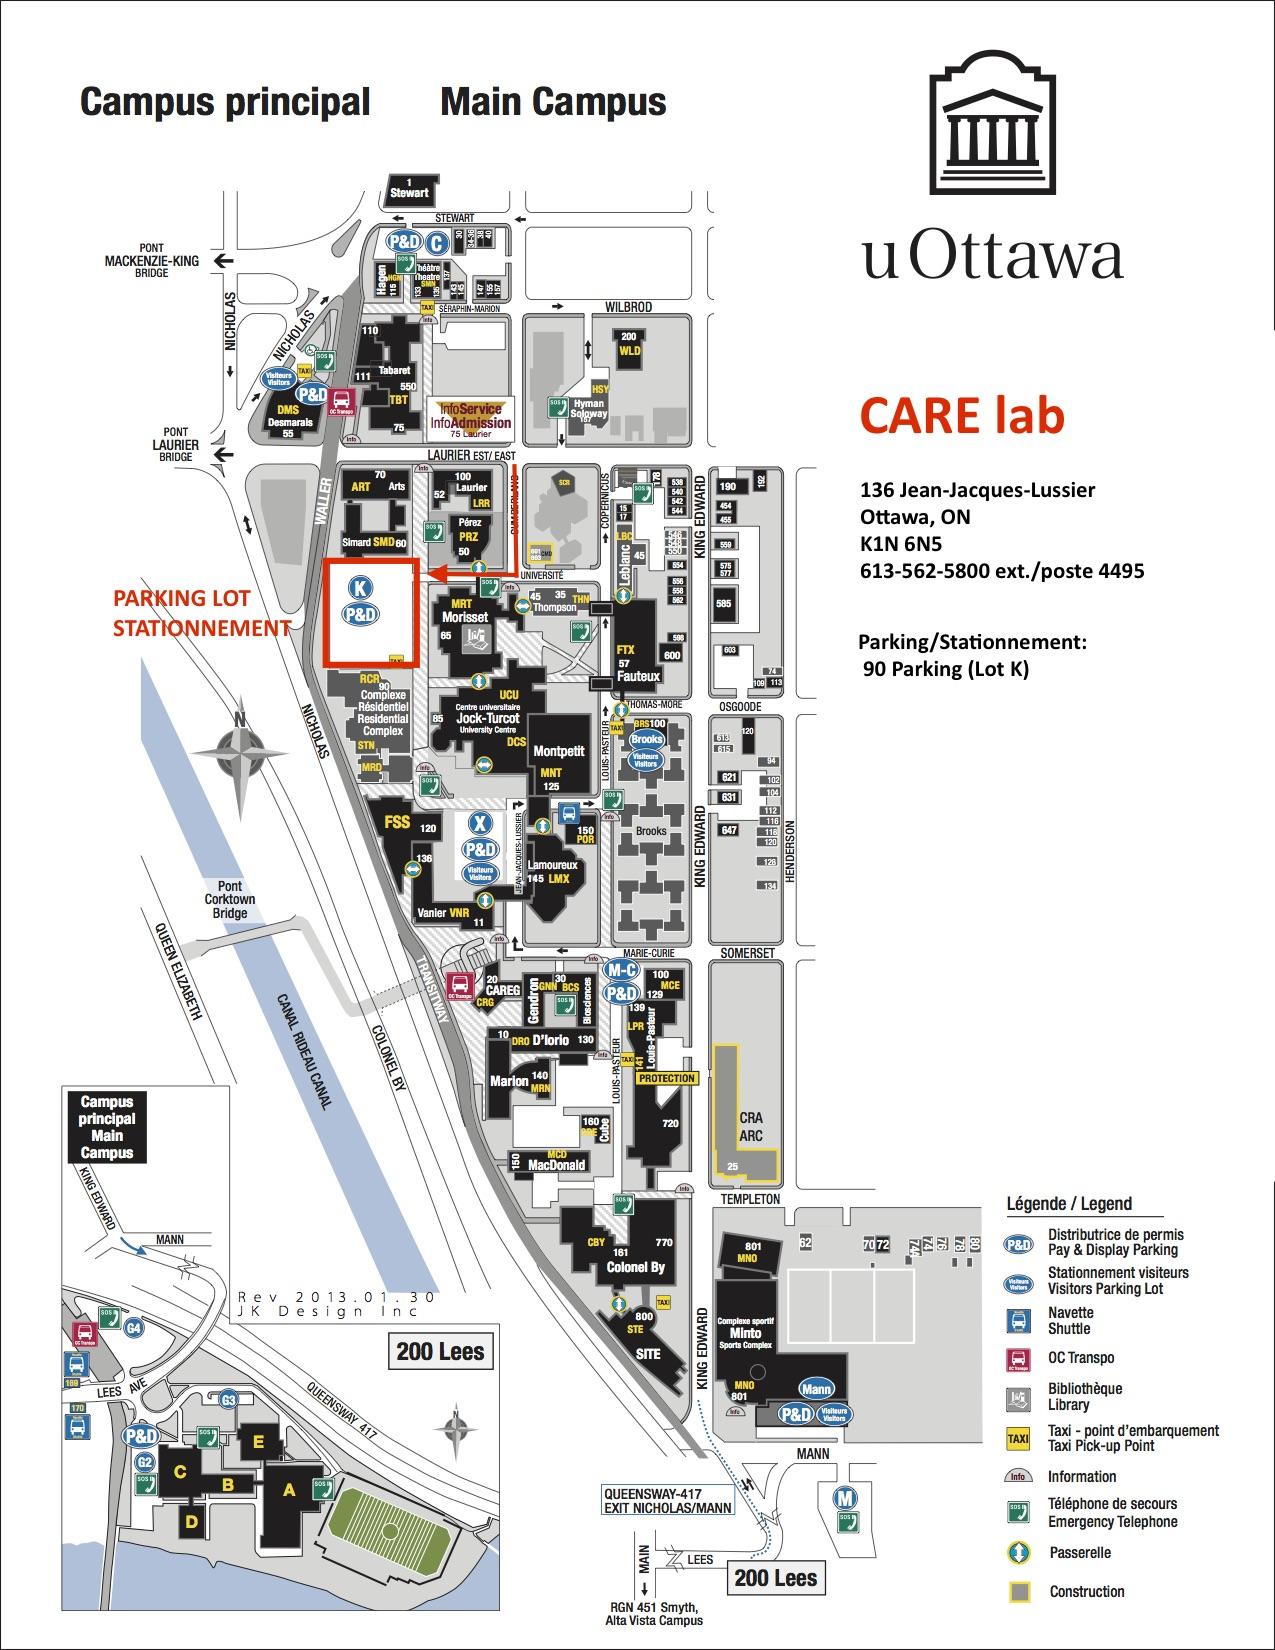 Carte du campus principal avec une indication en rouge ou se trouve le CARE lab